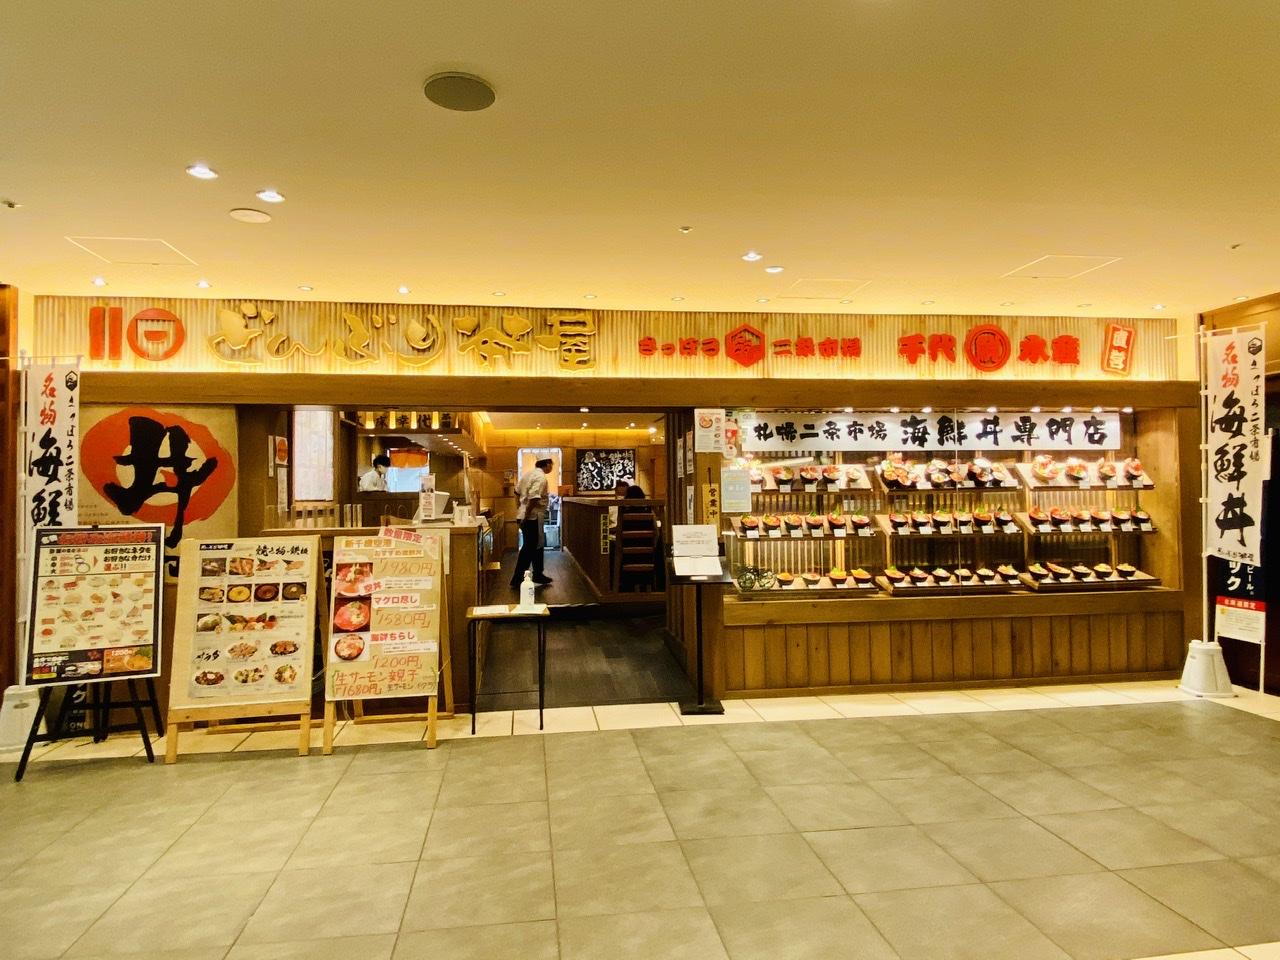 【新千歳空港グルメ】本場の海鮮丼を食べるならココ!鮮魚店直営《どんぶり茶屋》★_9